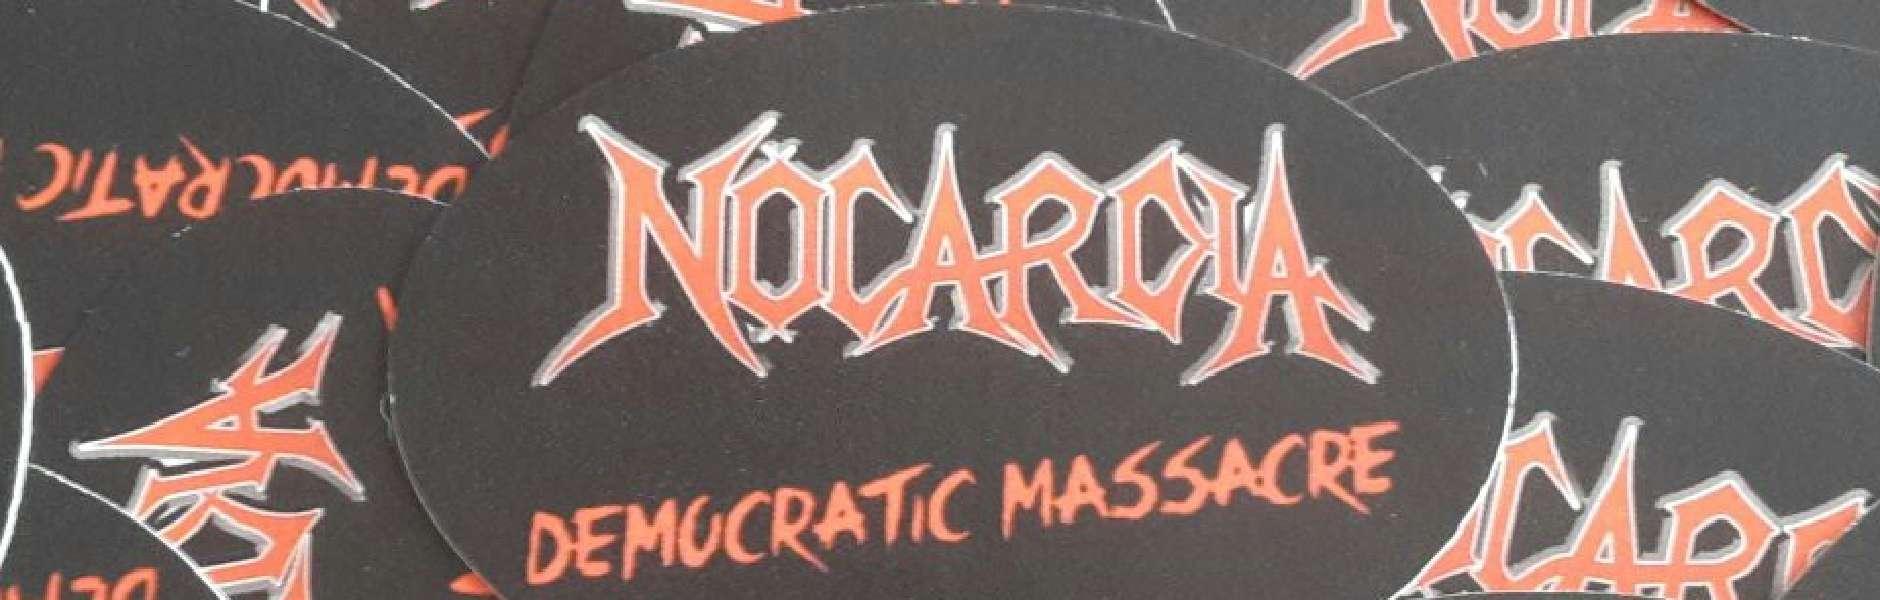 Nocardia